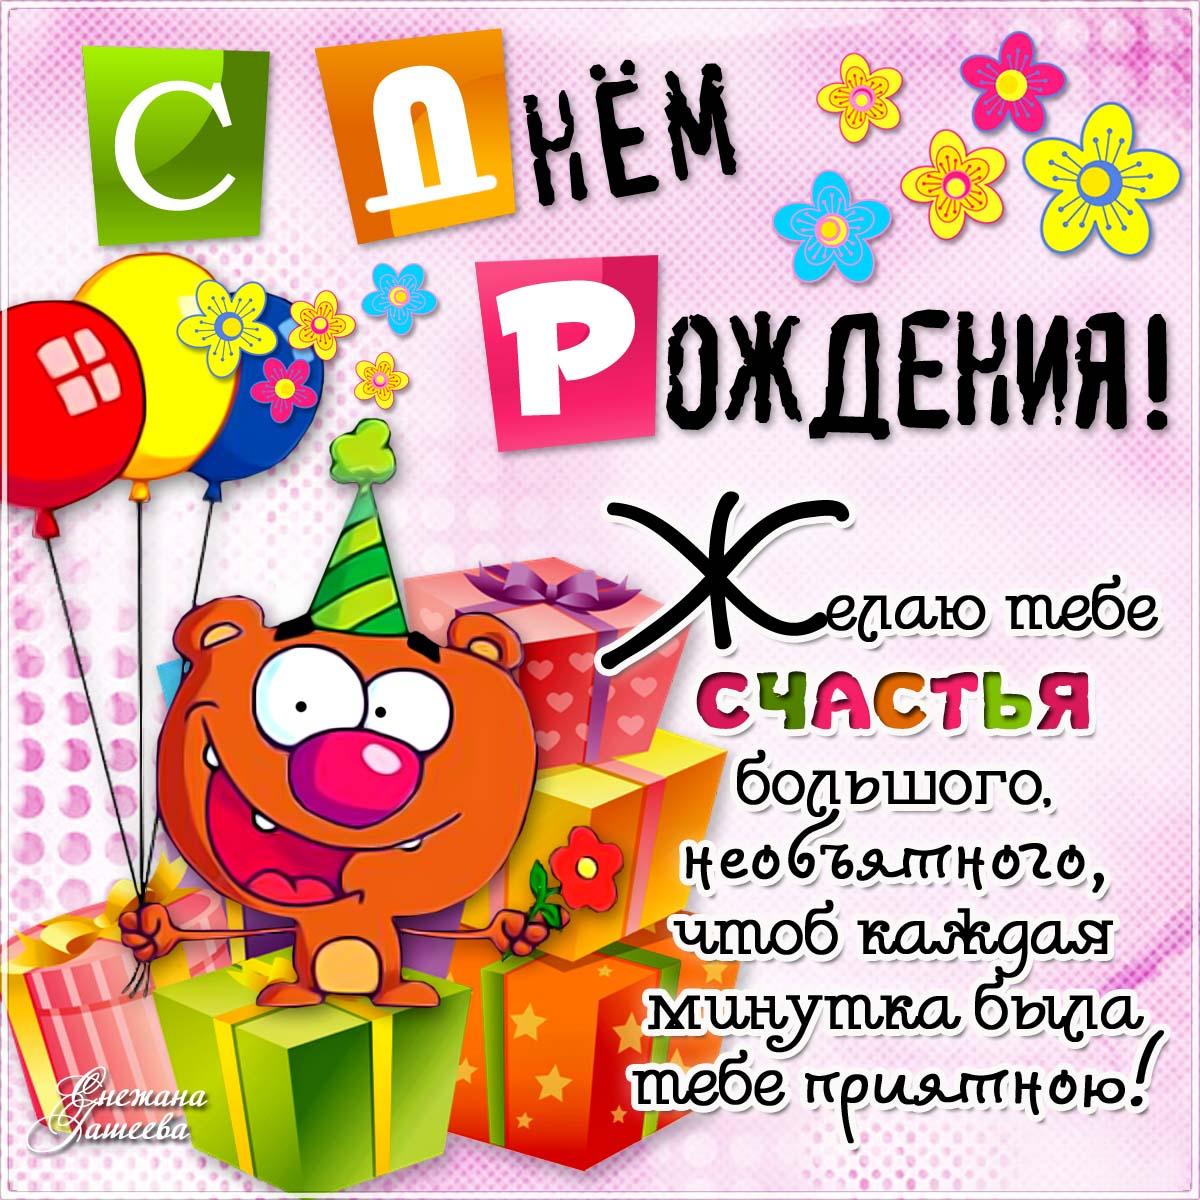 Поздравления с днем рождения 1 сентября девочке